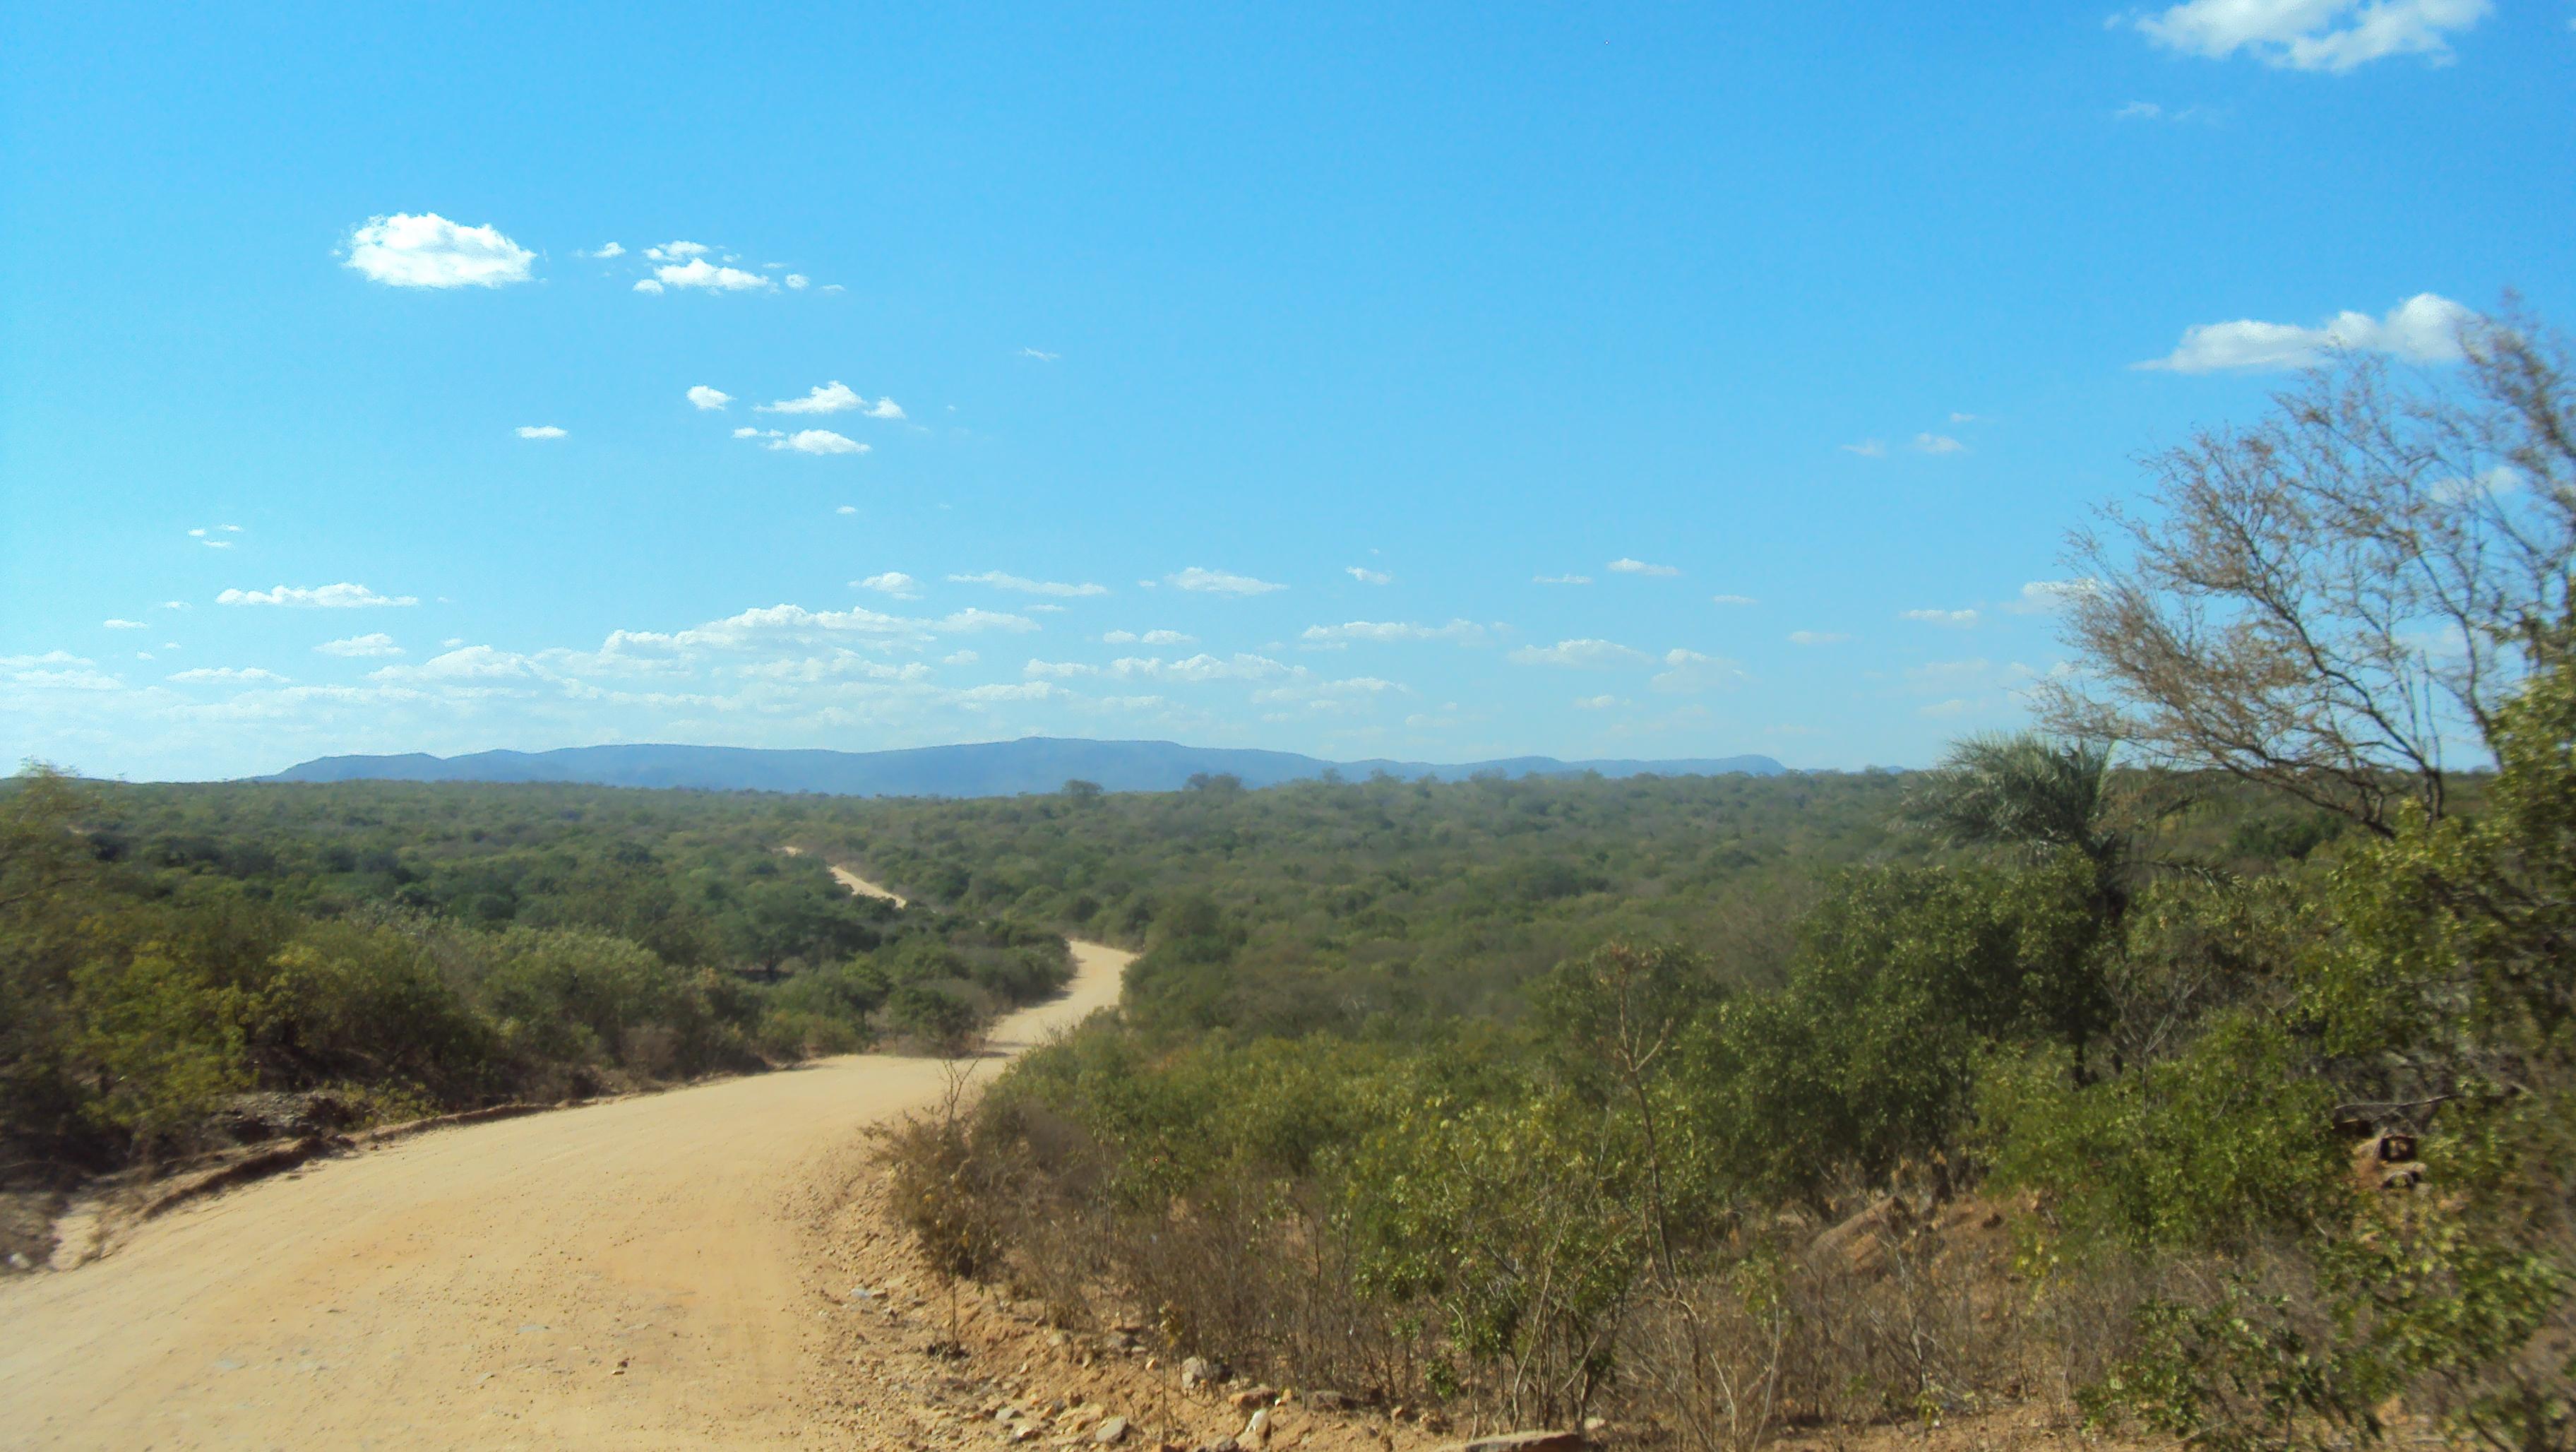 A Caatinga ainda é um bioma pouco preservado e estudado. Foto: Liliana Peixinho.